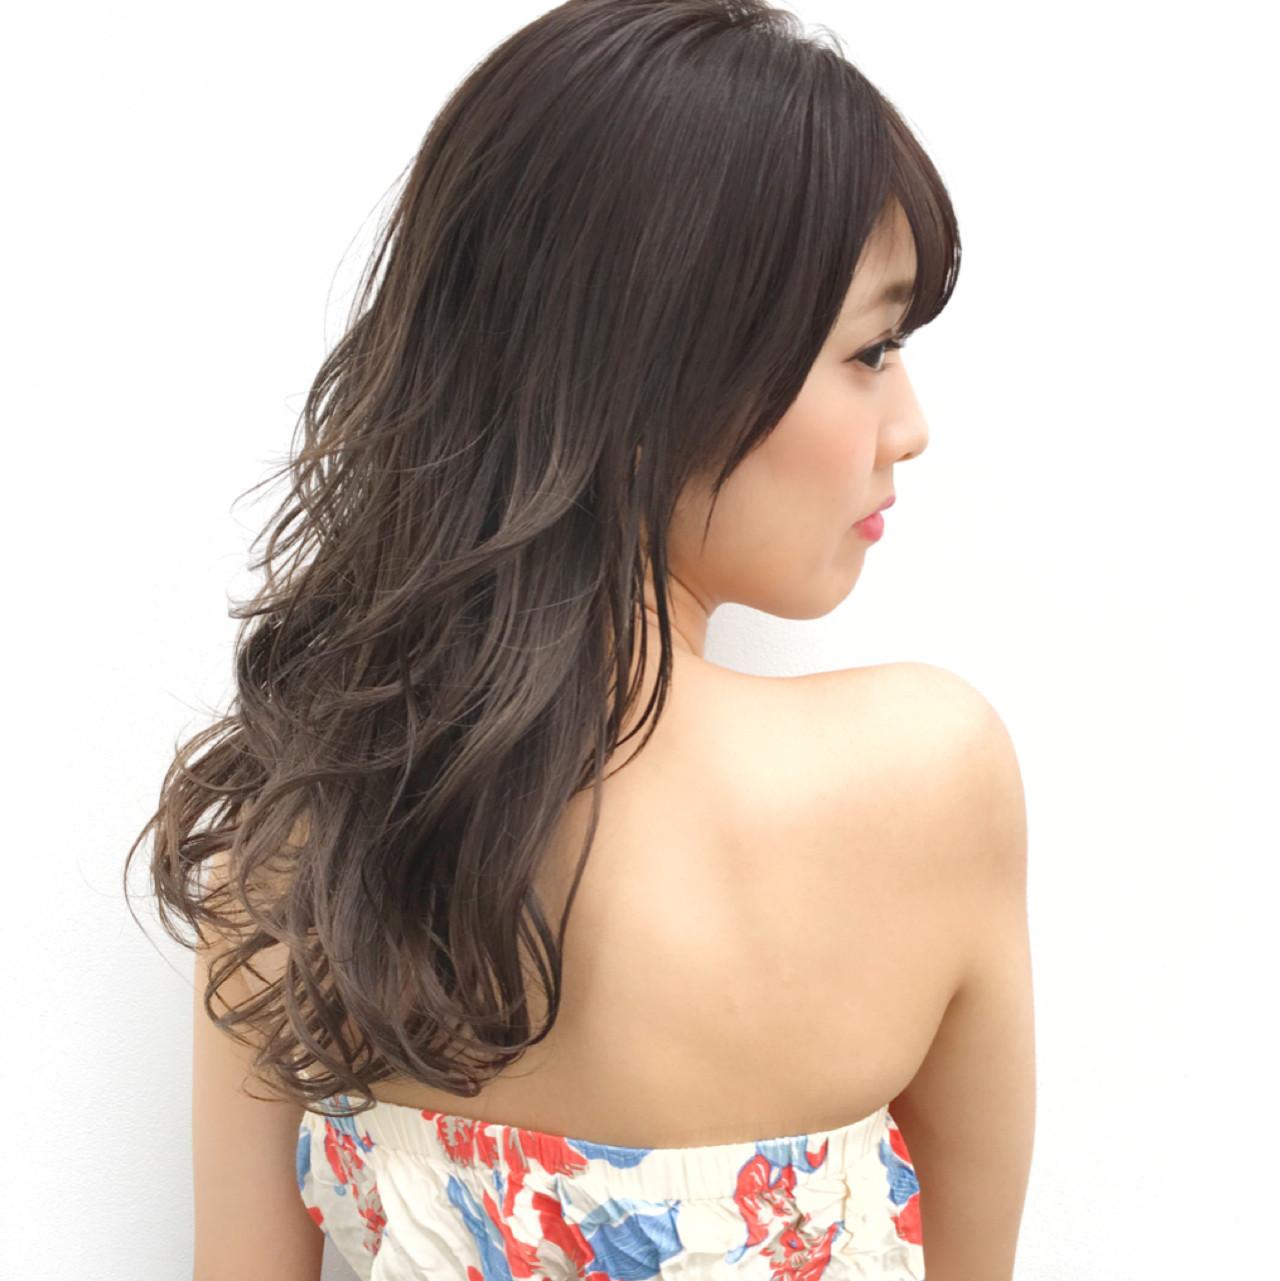 色気 ロング リラックス ハイライト ヘアスタイルや髪型の写真・画像